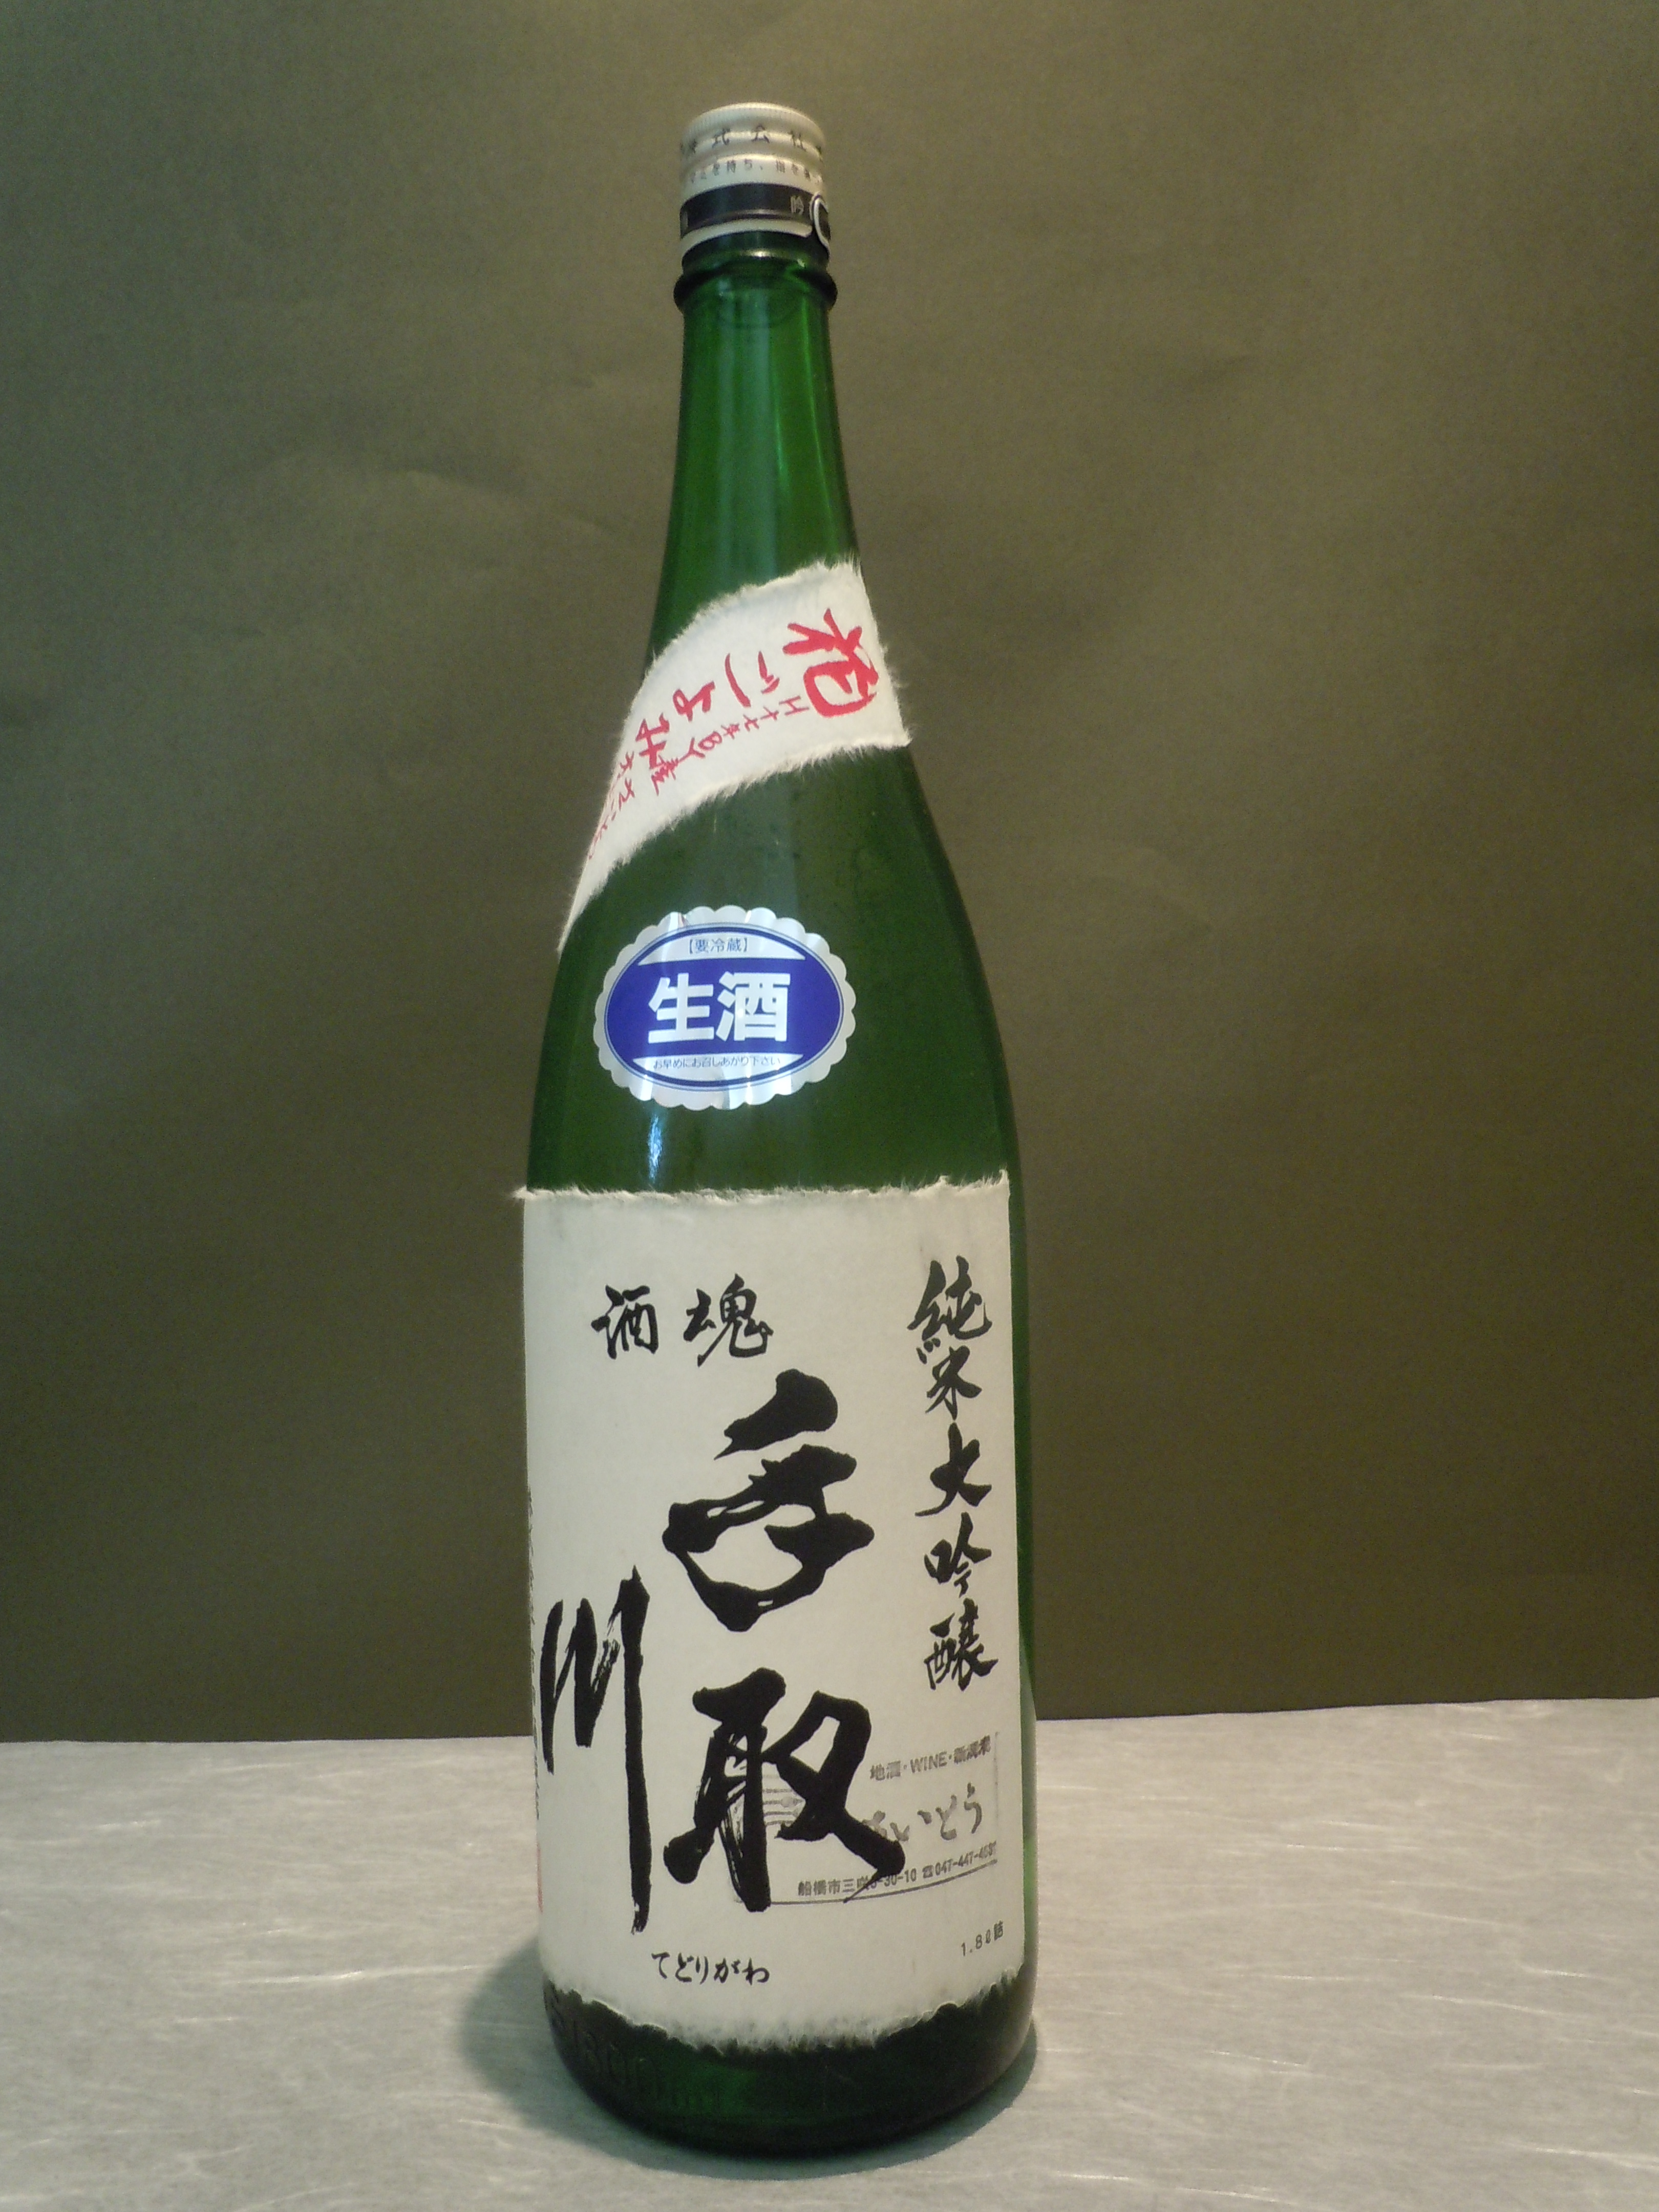 酒魂 手取川 純米大吟醸 花ごよみ 生酒